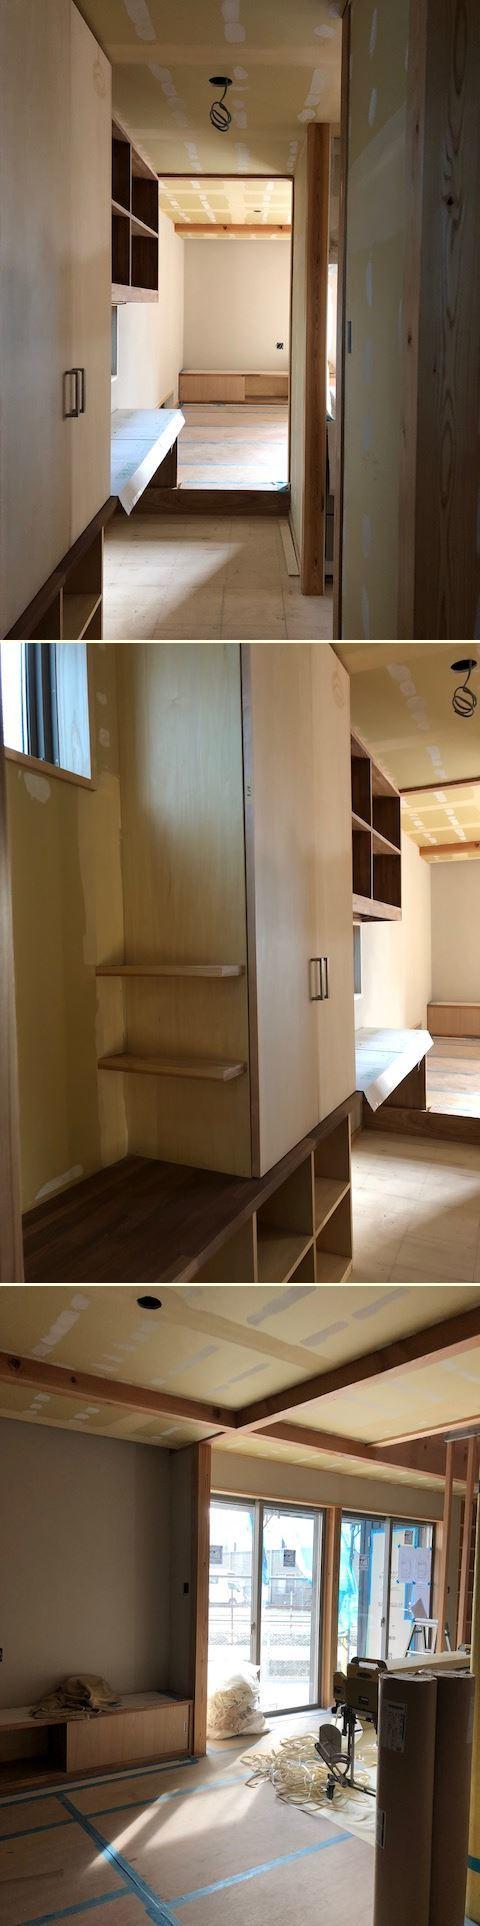 厚木市妻田の家☆建具工事が始まっていました_c0152341_15161718.jpg